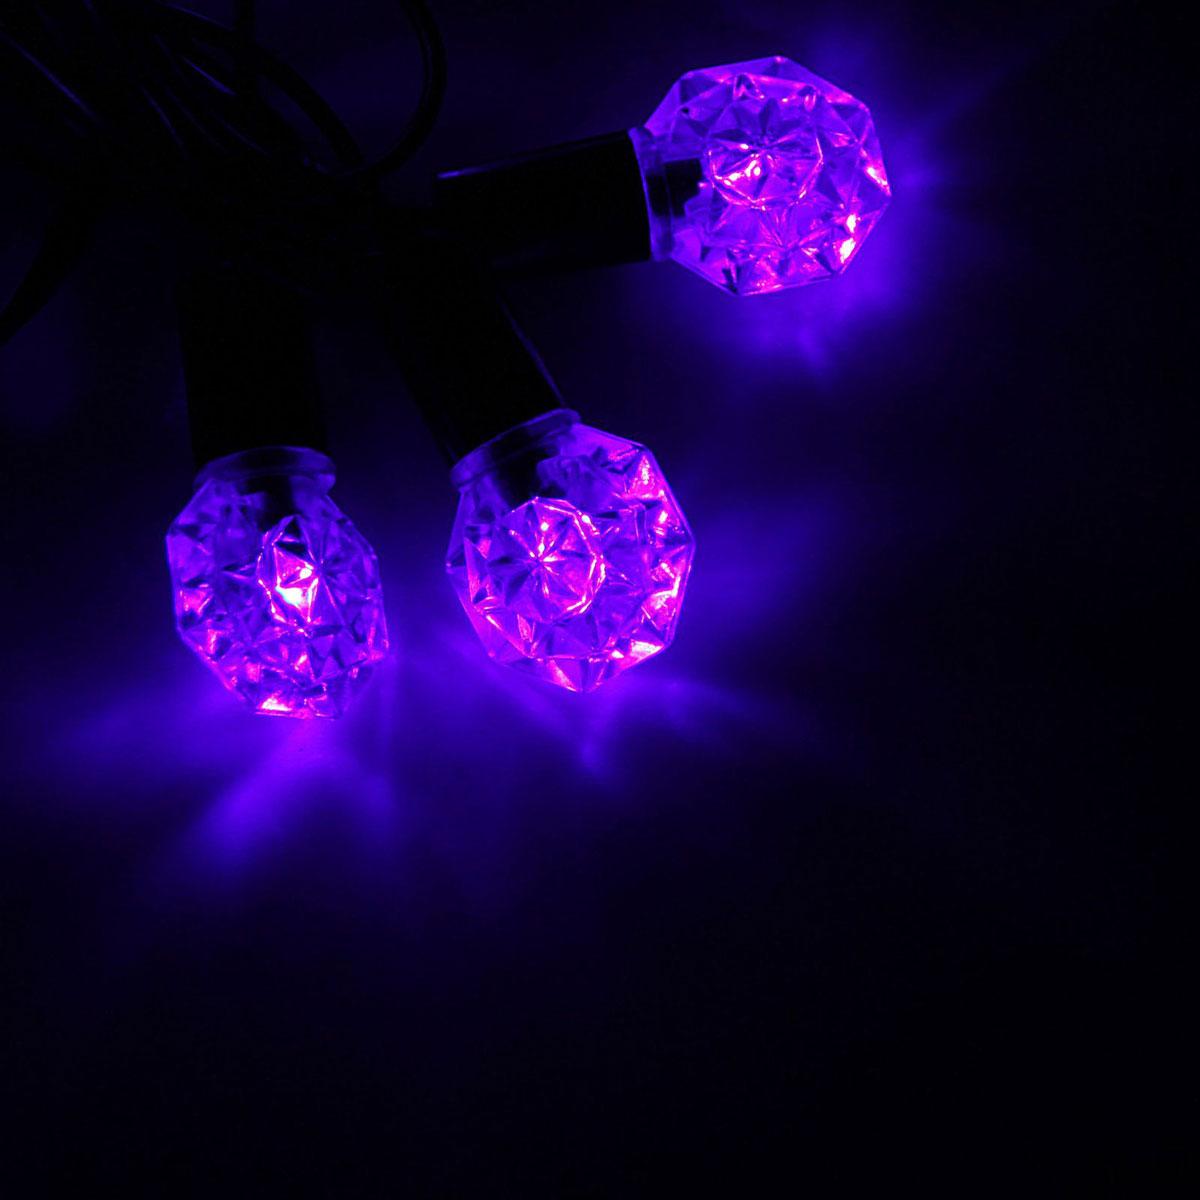 Гирлянда светодиодная Luazon Метраж. Грани, уличная с насадкой, фиксинг, 40 ламп, 220 V, 5 м, цвет: фиолетовый. 10800771080077Светодиодные гирлянды, ленты и т.д. — это отличный вариант для новогоднего оформления интерьера или фасада. С их помощью помещение любого размера можно превратить в праздничный зал, а внешние элементы зданий, украшенные ими, мгновенно станут напоминать очертания сказочного дворца. Такие украшения создают ауру предвкушения чуда. Деревья, фасады, витрины, окна и арки будто специально созданы, чтобы вы украсили их светящимися нитями.